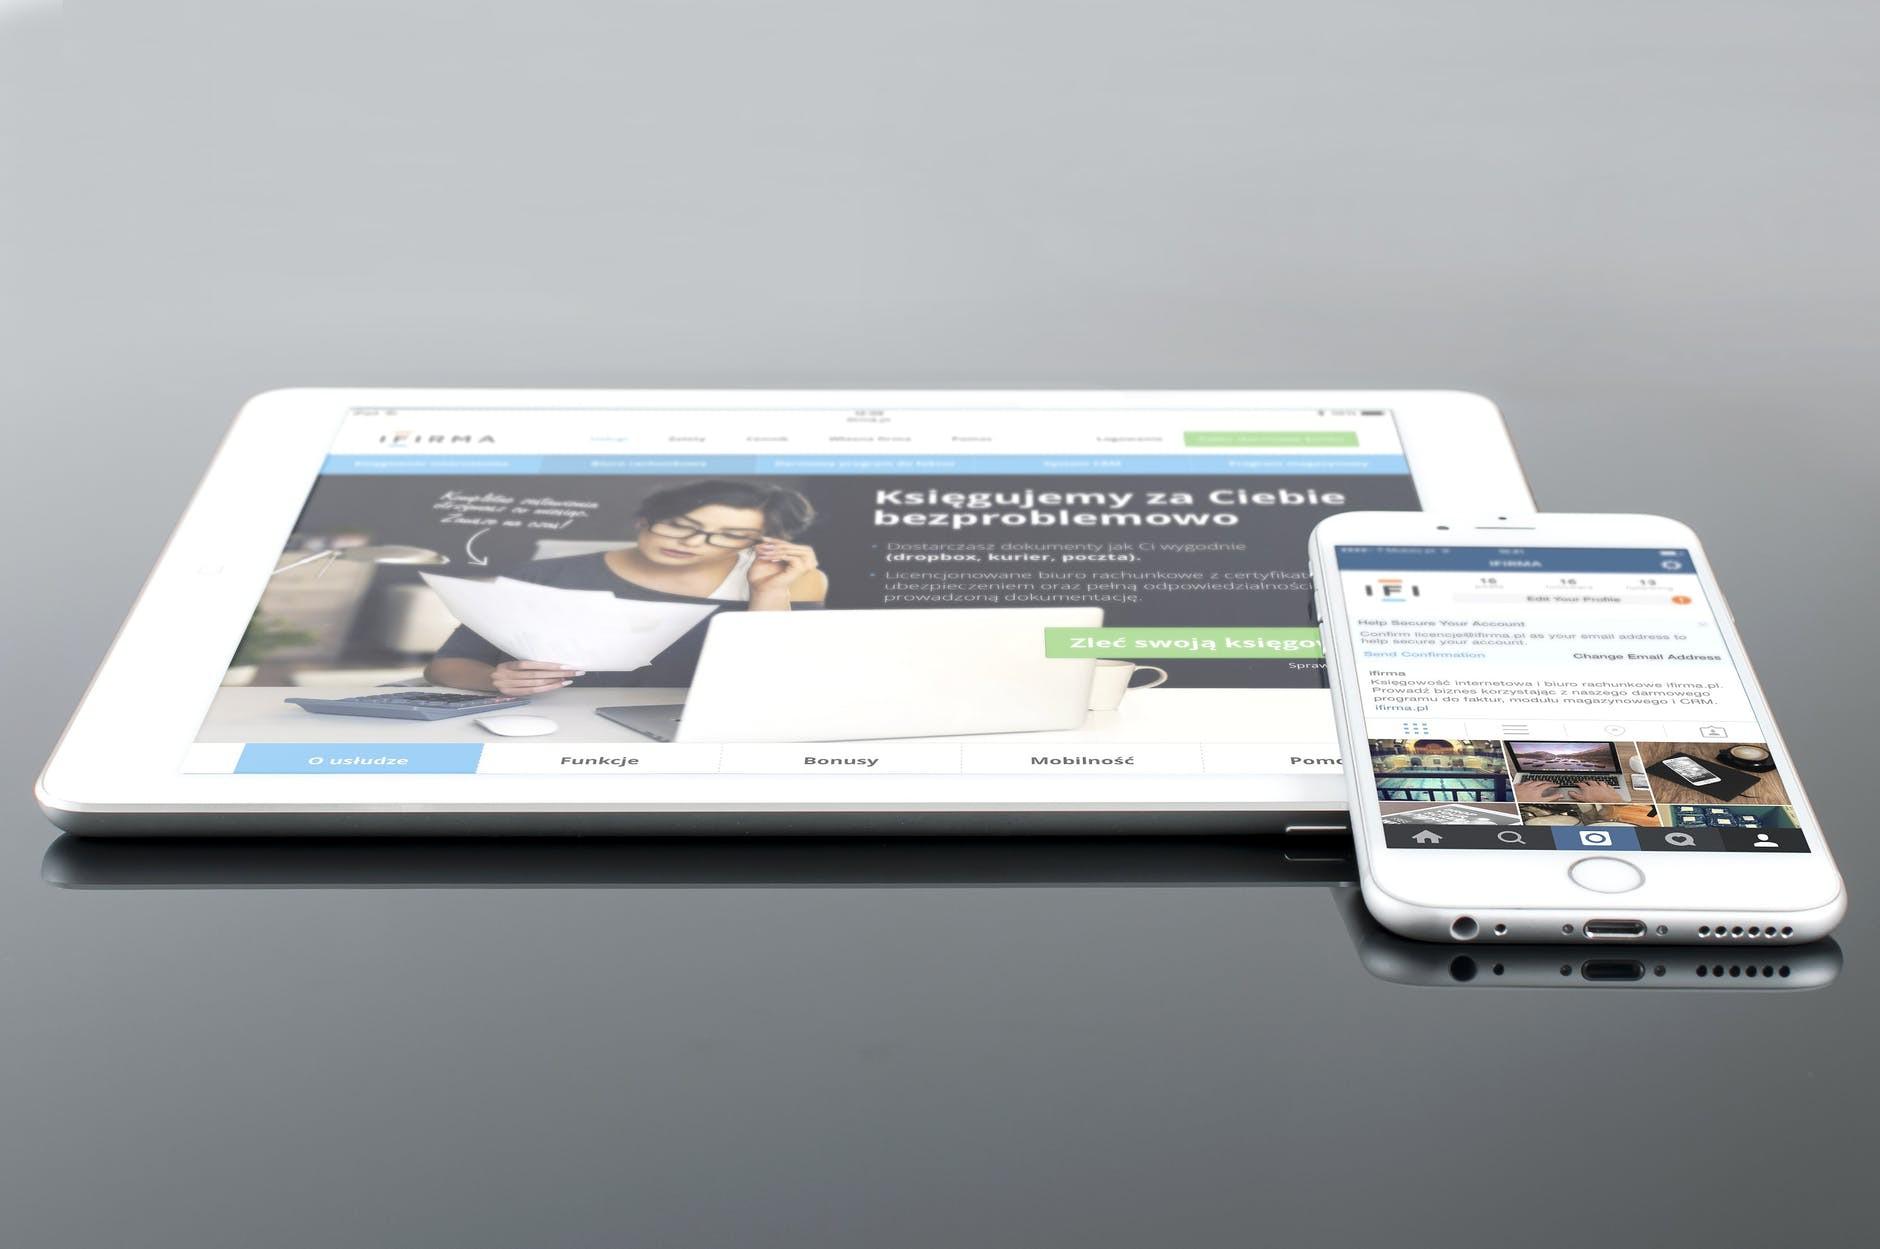 Manfaat Kursus Android Untuk Membuat Aplikasi Lebih Mudah